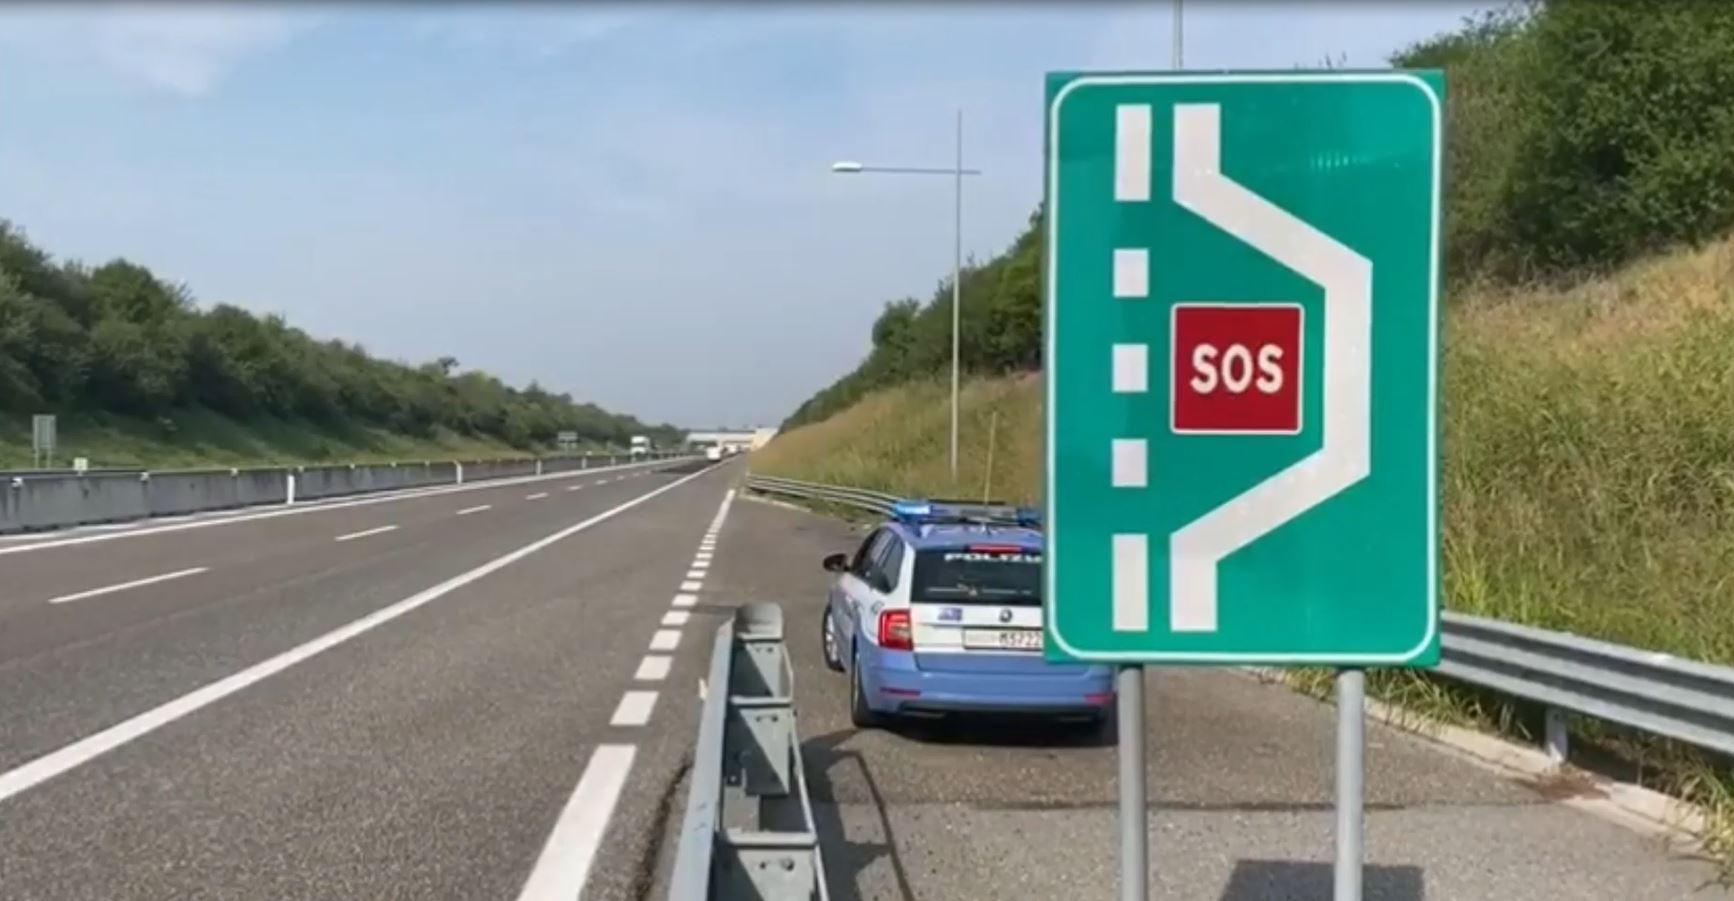 Polizia stradale: da gennaio quasi 10mila sanzioni per mancato pagamento del pedaggio autostradale